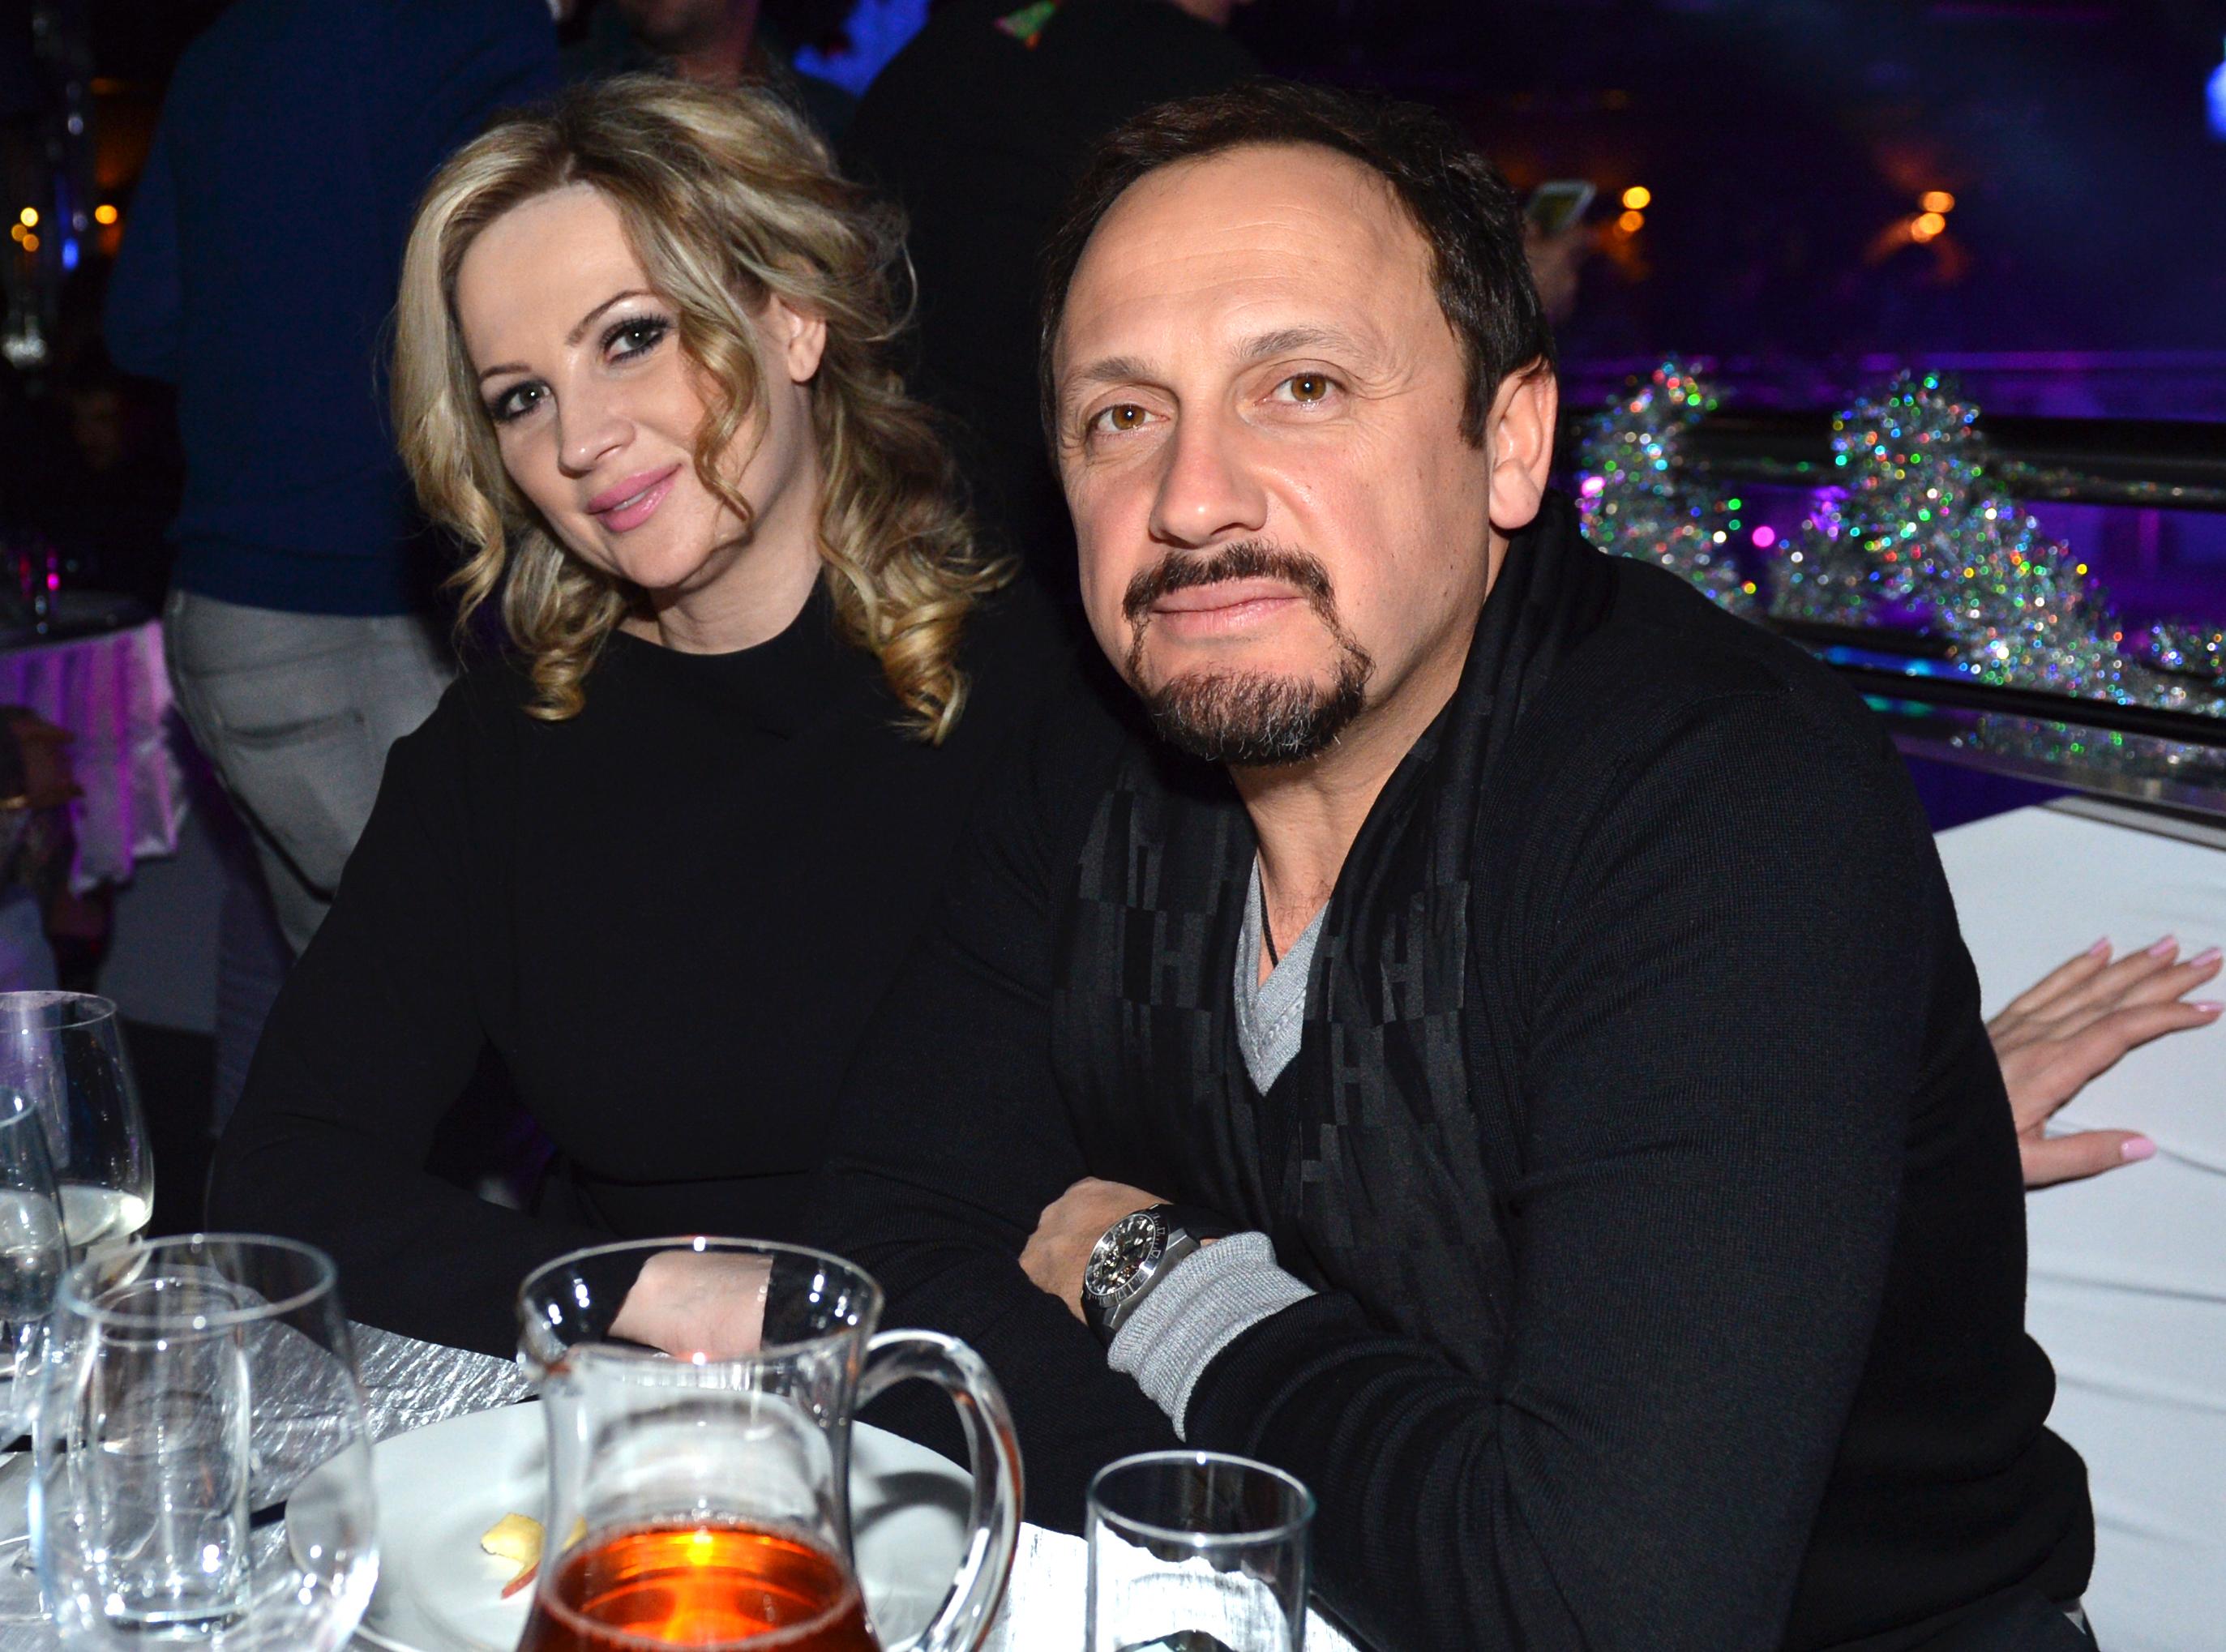 Певец Стас Михайлов с женой Инной